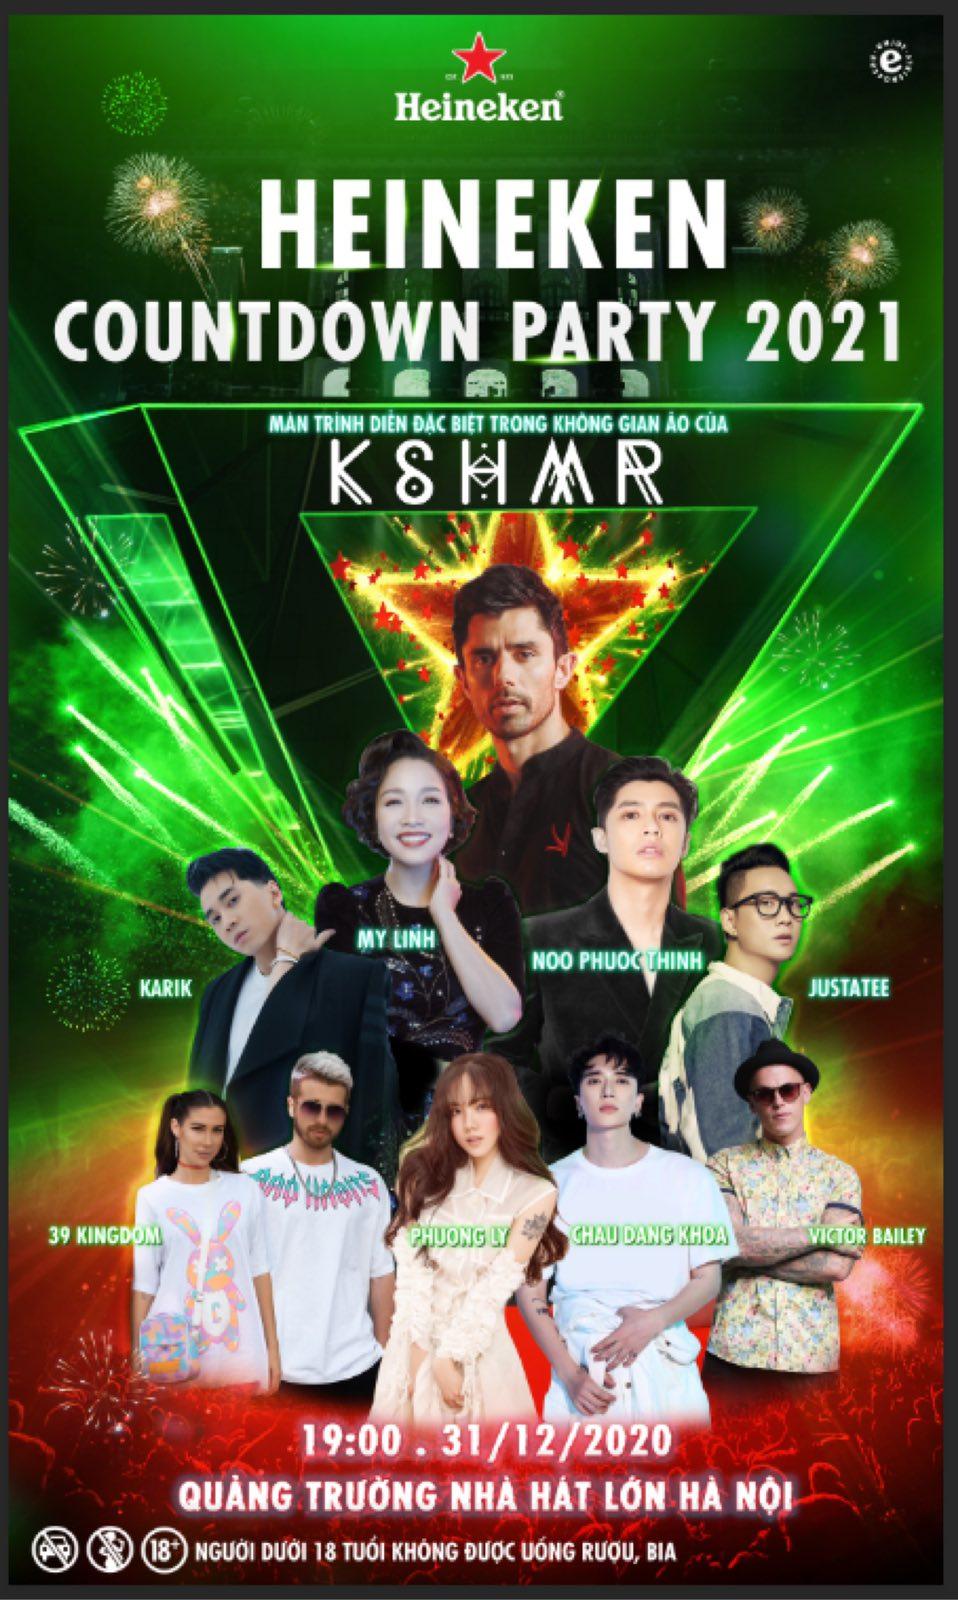 Đại tiệc âm nhạc Heineken Countdowndiễn ra ở đâu? 3